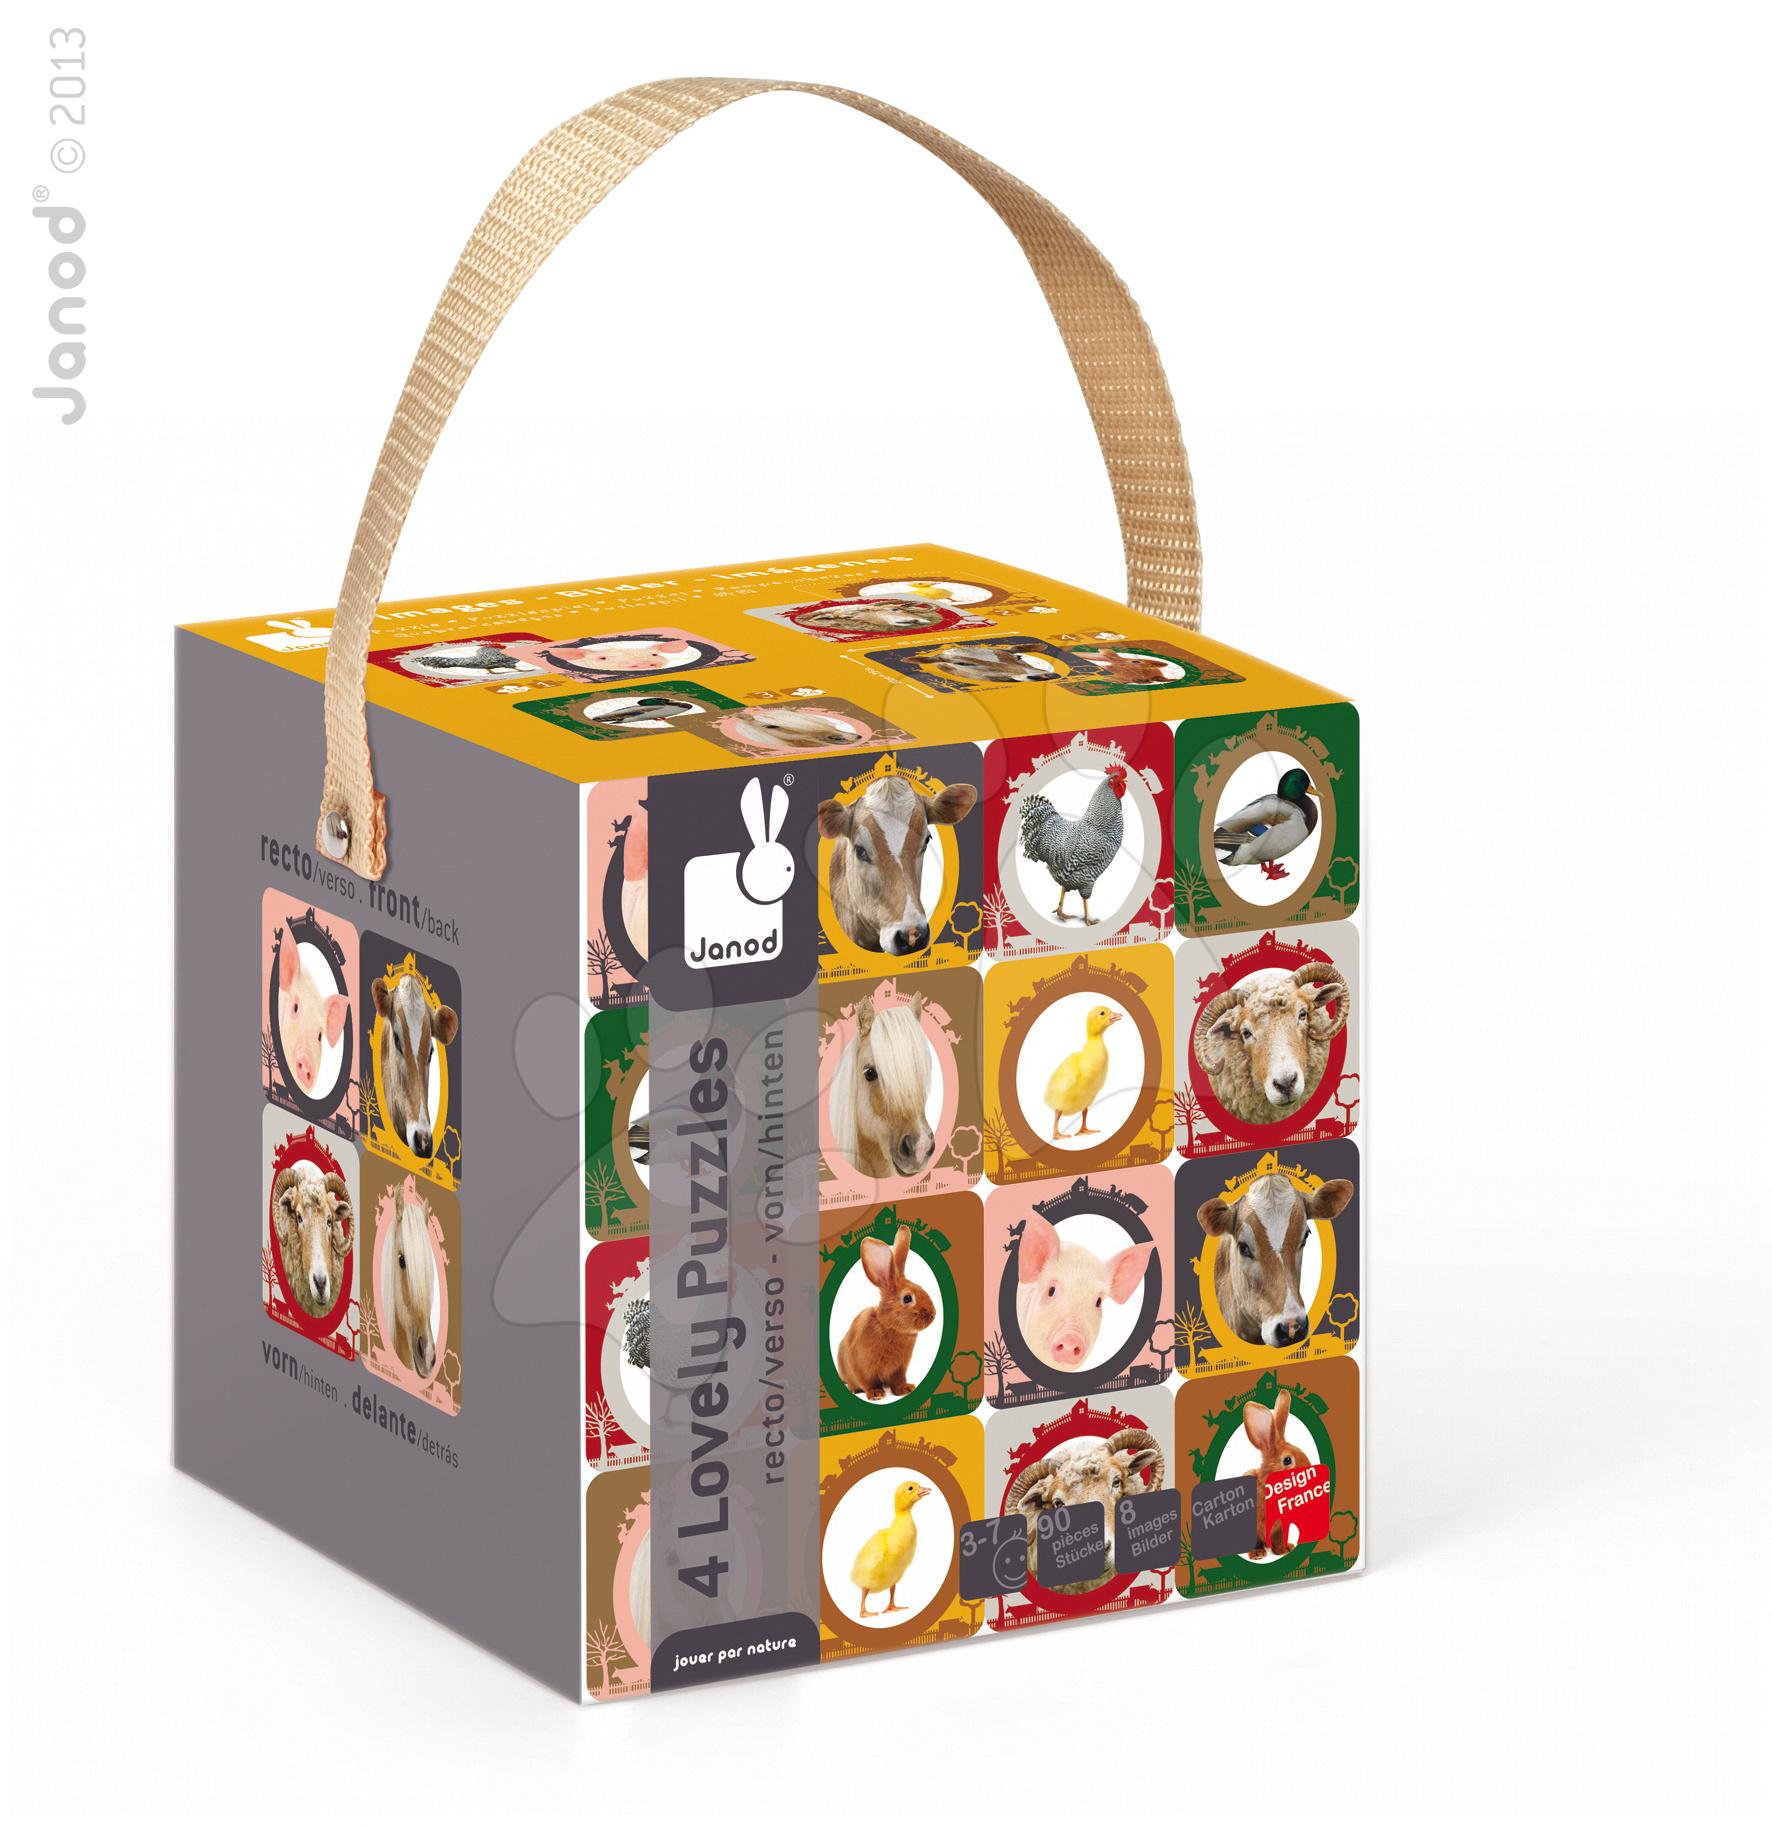 Detské puzzle do 100 dielov - Obojstranné puzzle Farma Janod v kufríku 16-20-24-30 dielov od 3 - 7 rokov